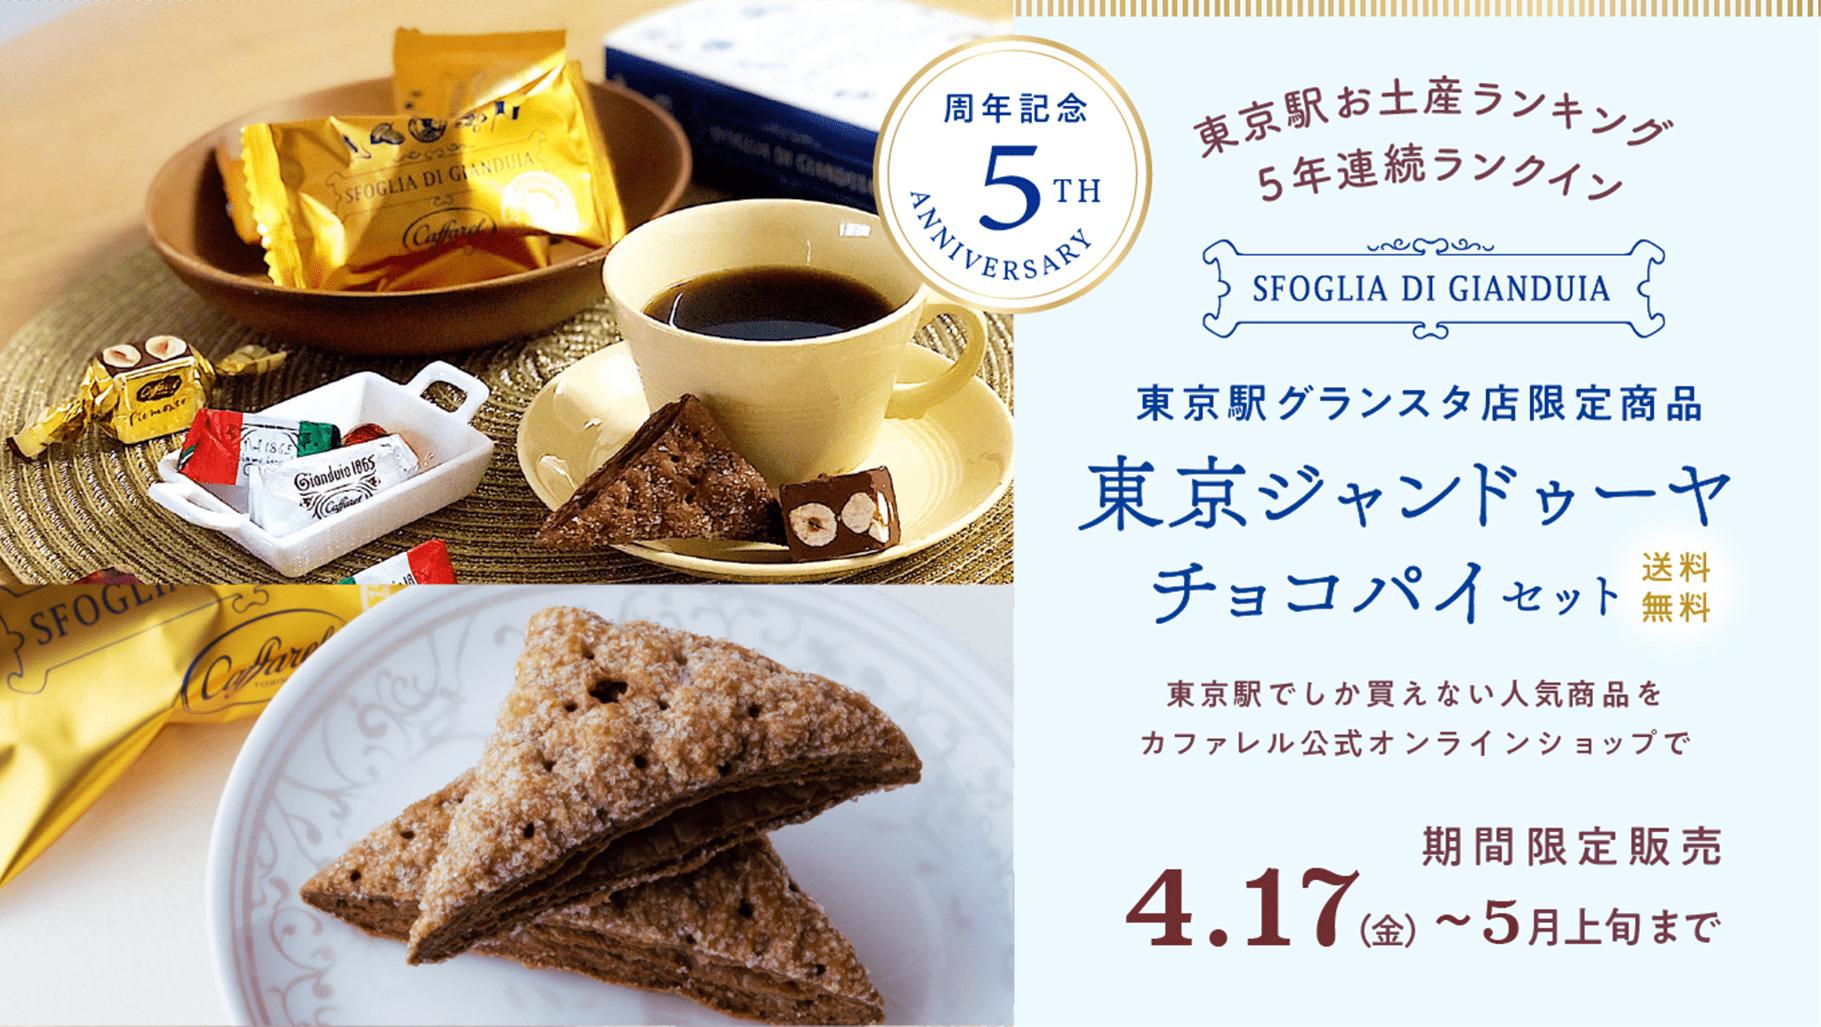 東京ジャンドゥーヤチョコパイ